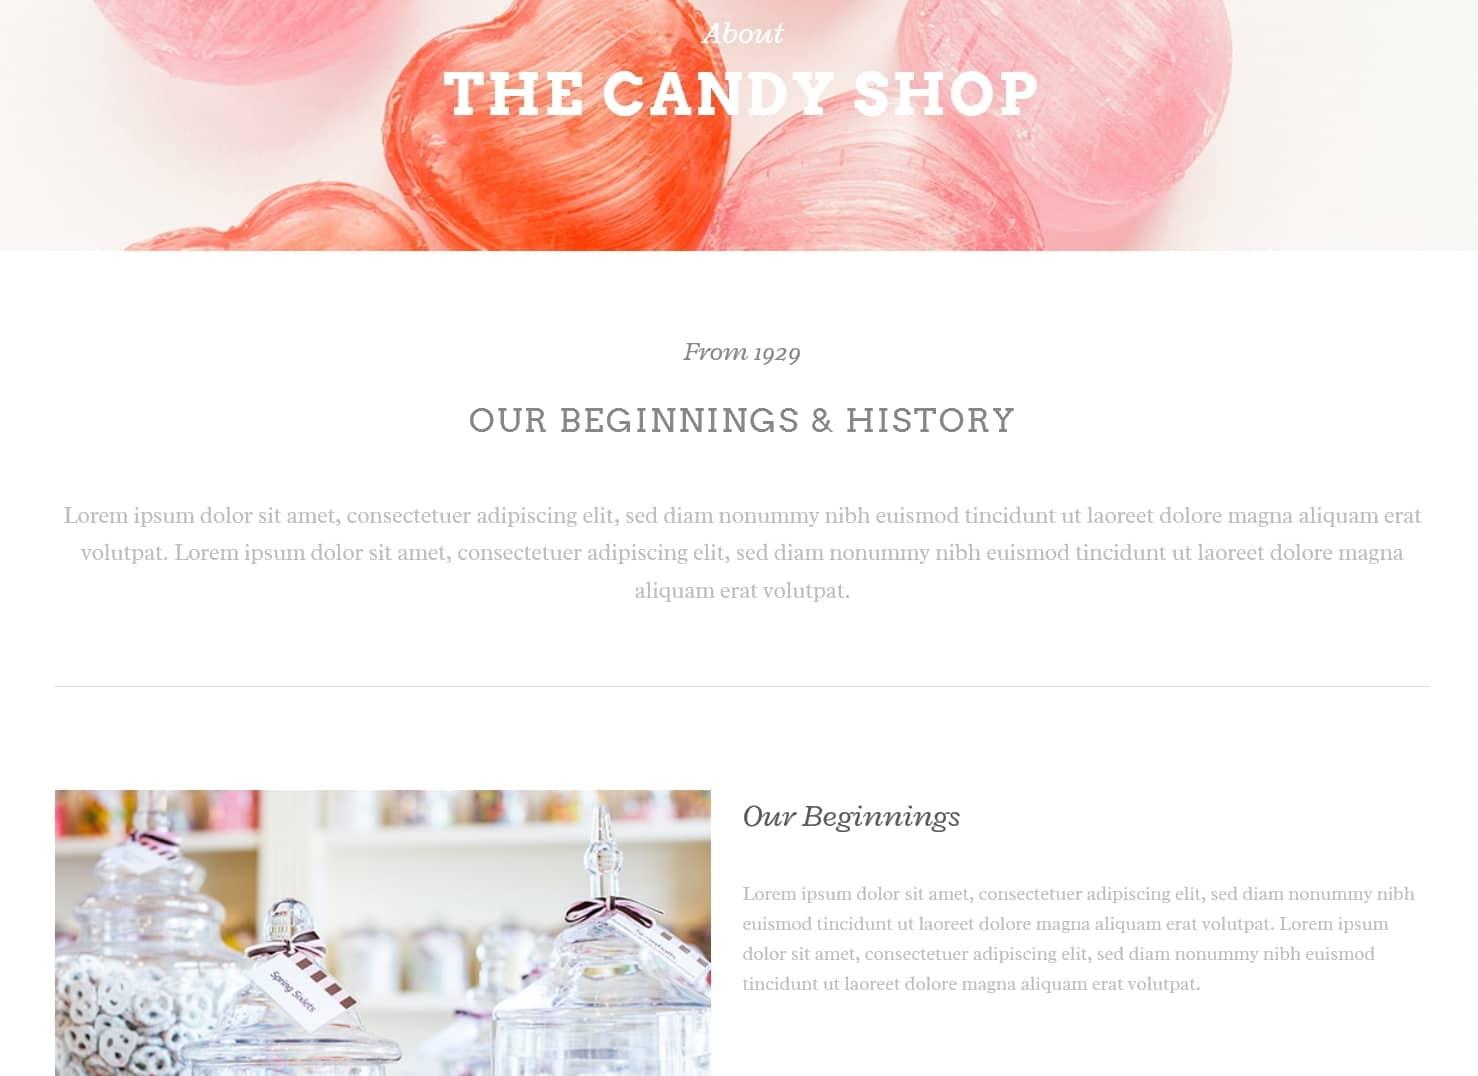 表面功夫版型參考-餐飲服務業-Lollipops-About Page